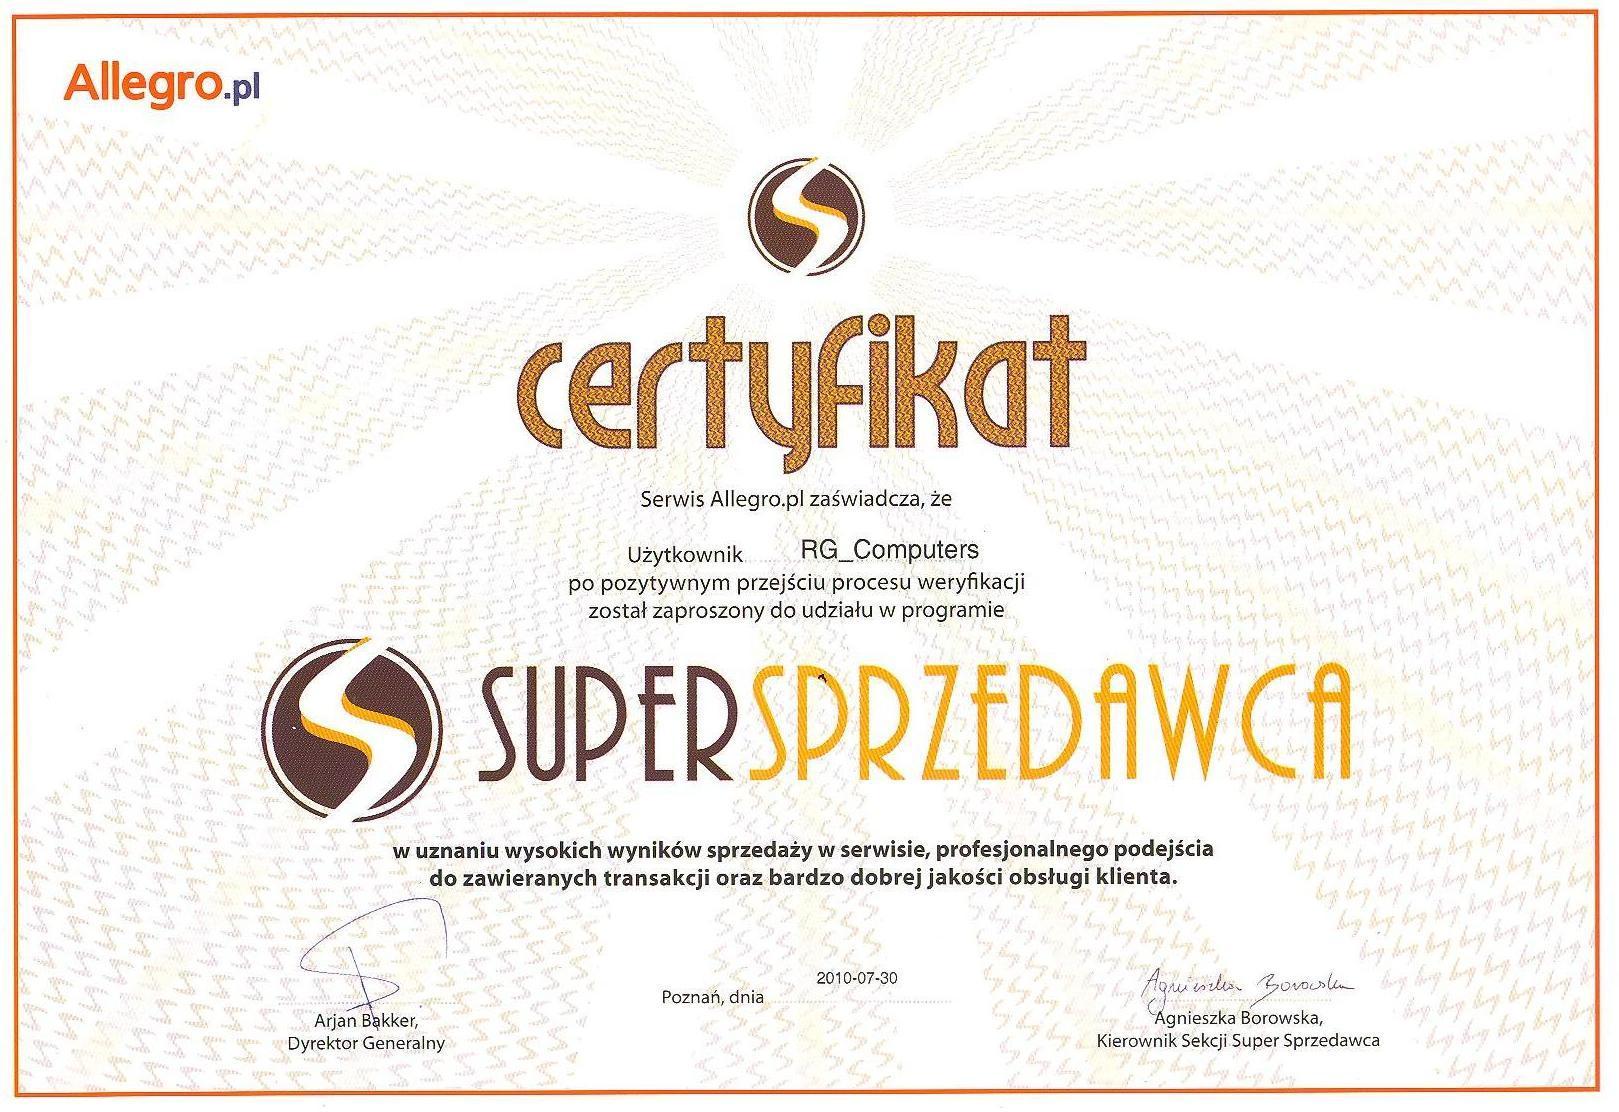 Certyfikat Super Sprzedawcy